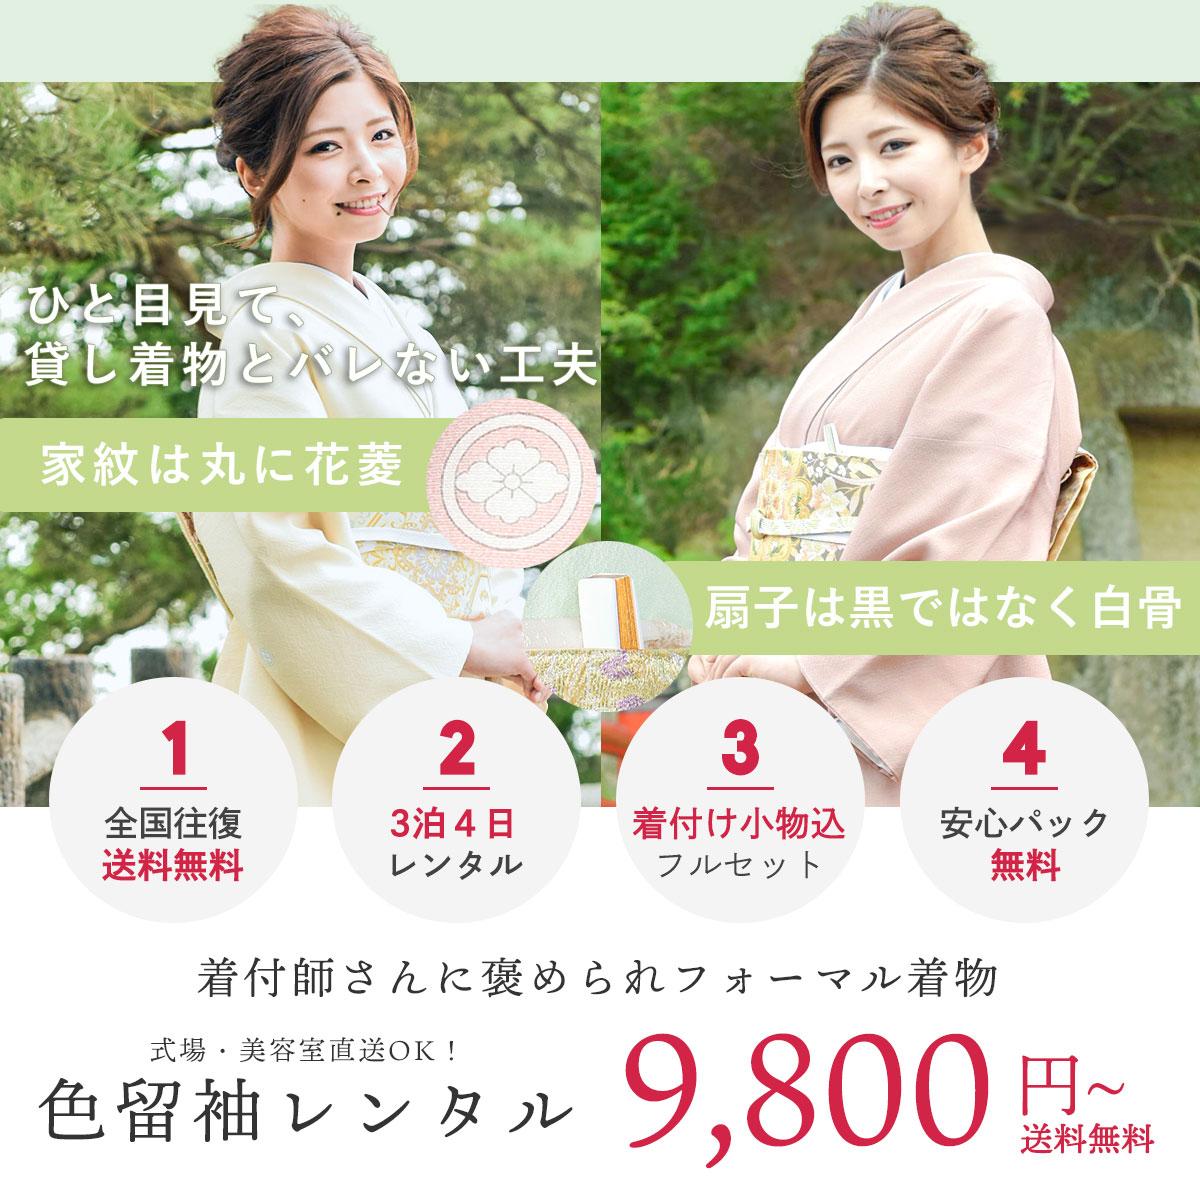 結婚式のご親族衣装、色留袖レンタル一式フルセットレンタル¥9,800~サブバッグ付き